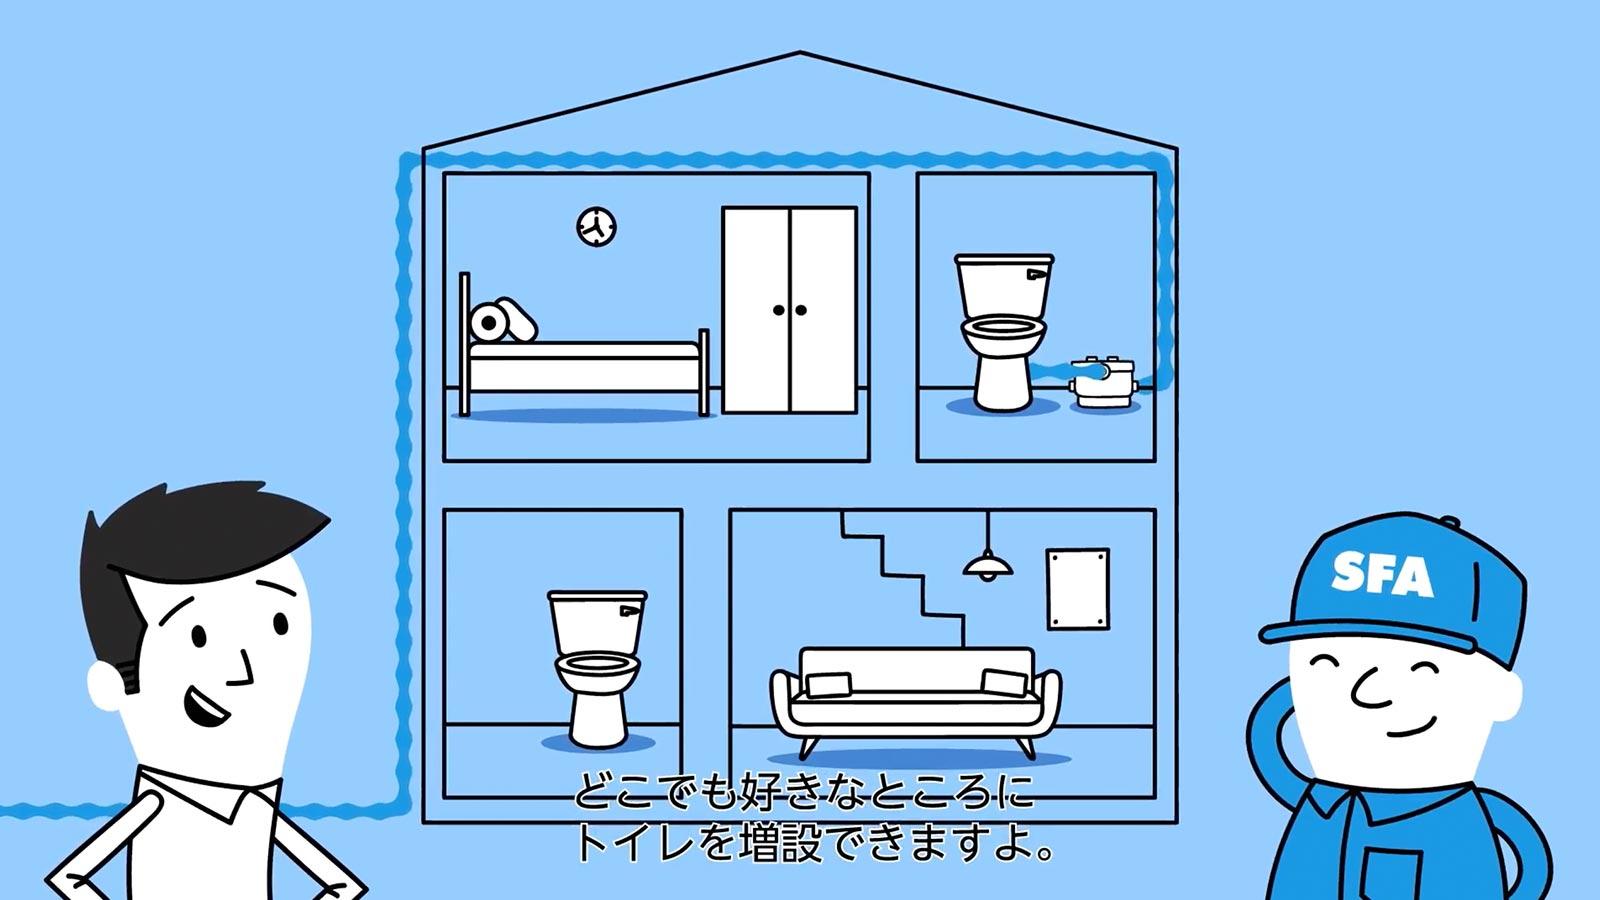 好きなところにトイレを増設